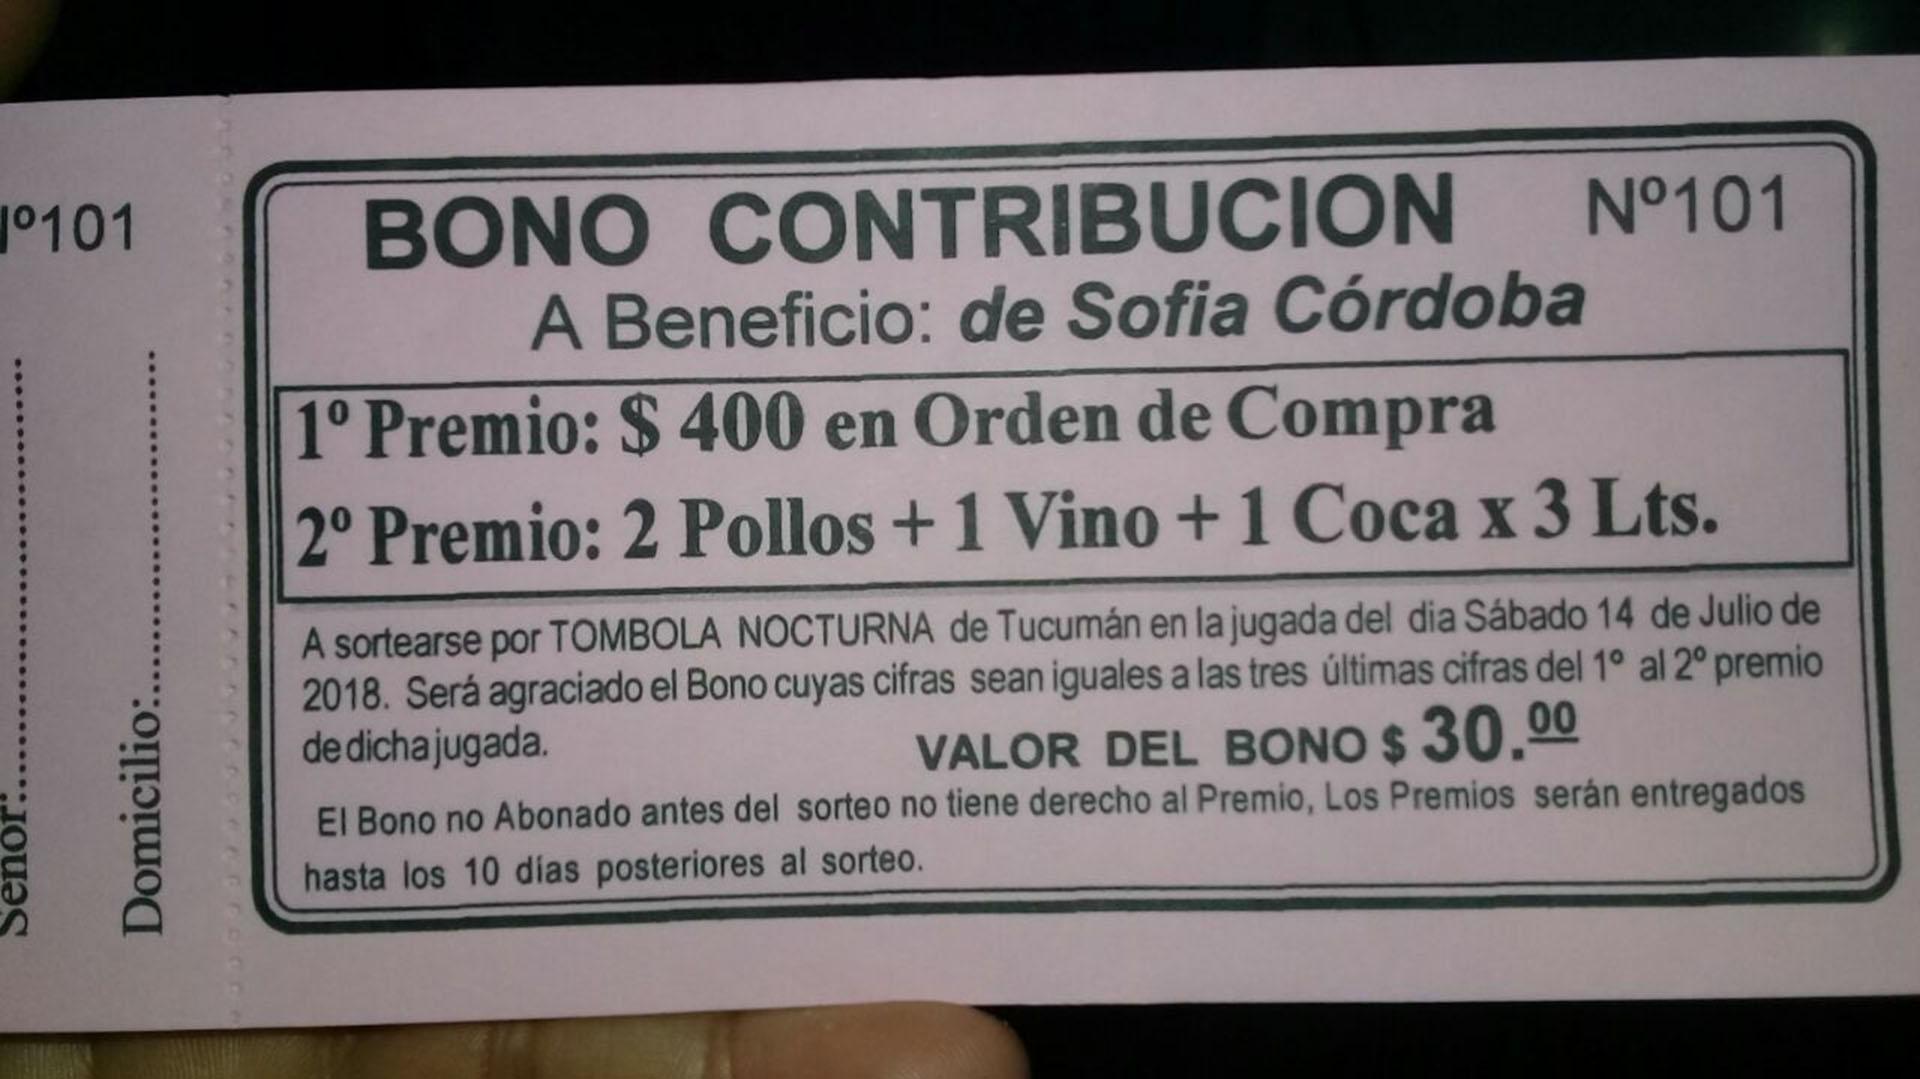 Uno de los bonos contribución confeccionados por Verónica Carrasco para poder hacer frente al tratamiento de su hija